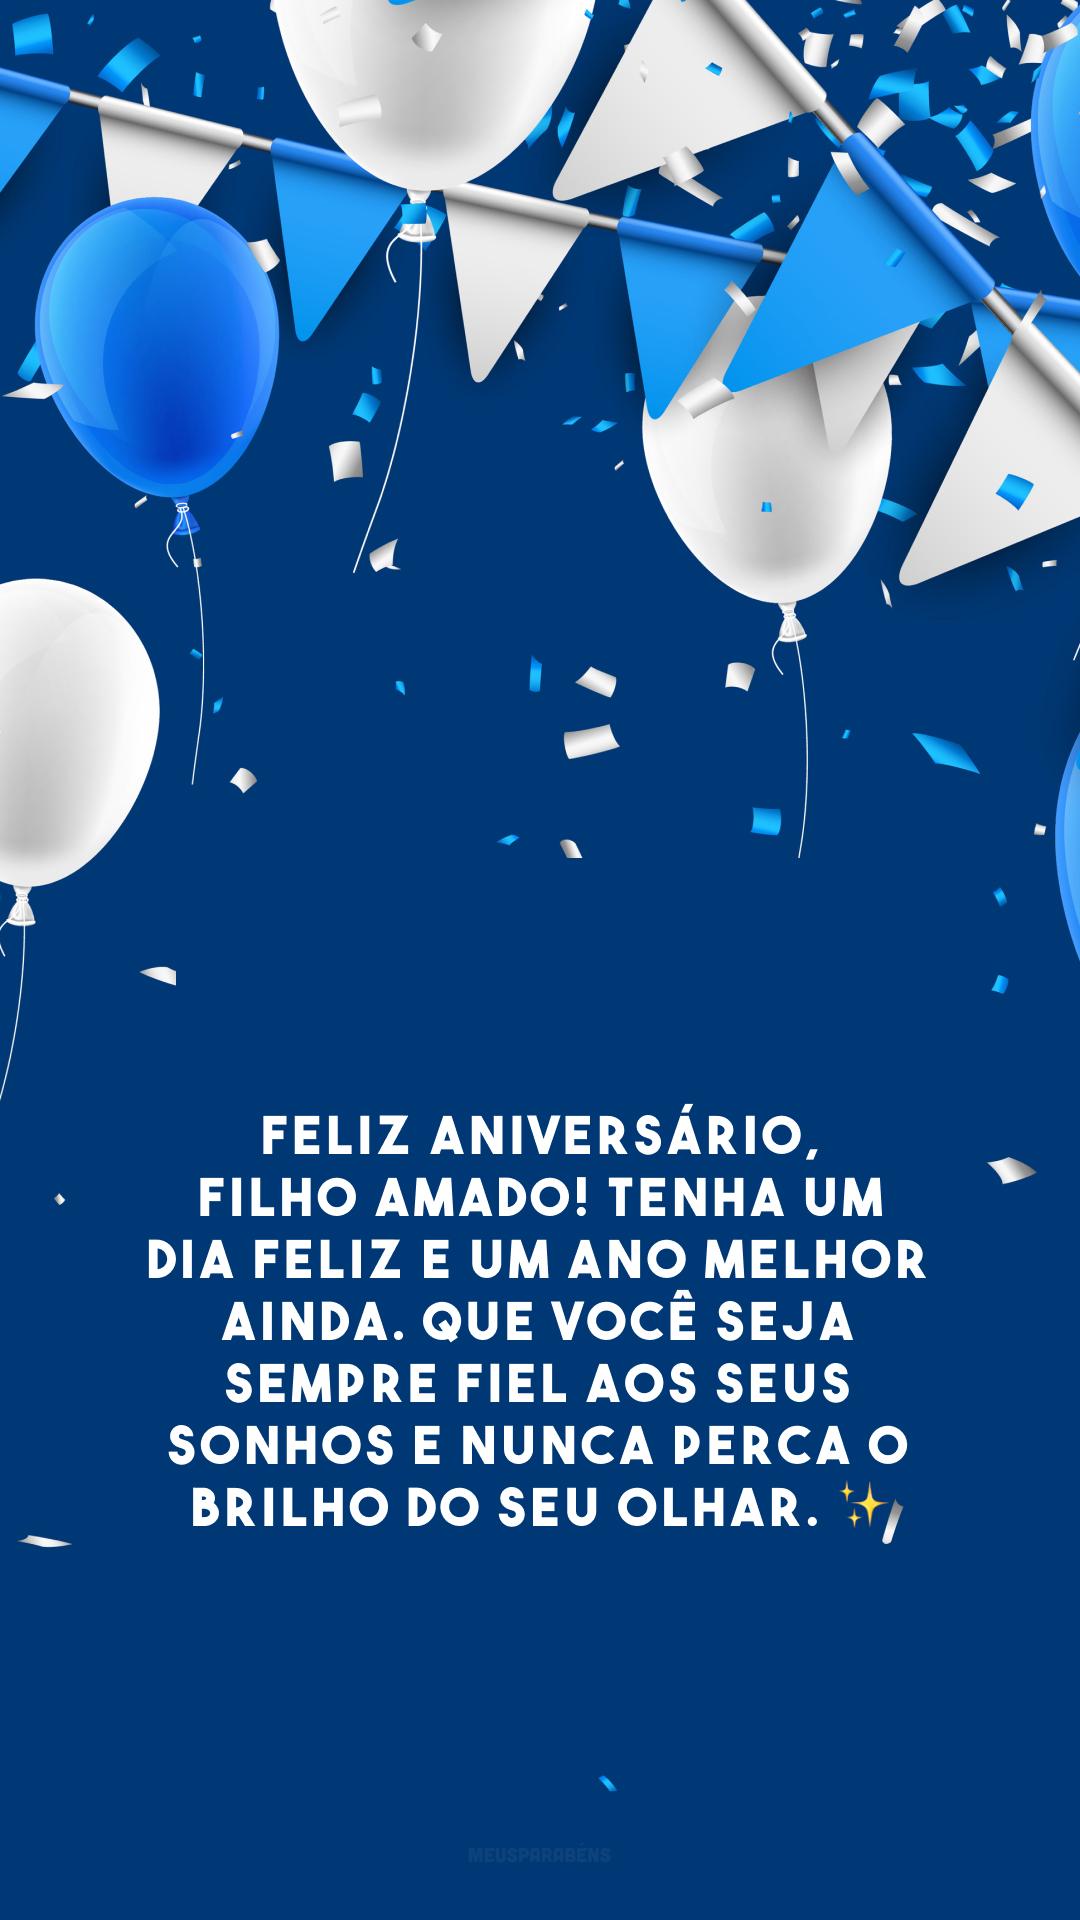 Feliz aniversário, filho amado! Tenha um dia feliz e um ano melhor ainda. Que você seja sempre fiel aos seus sonhos e nunca perca o brilho do seu olhar. ✨